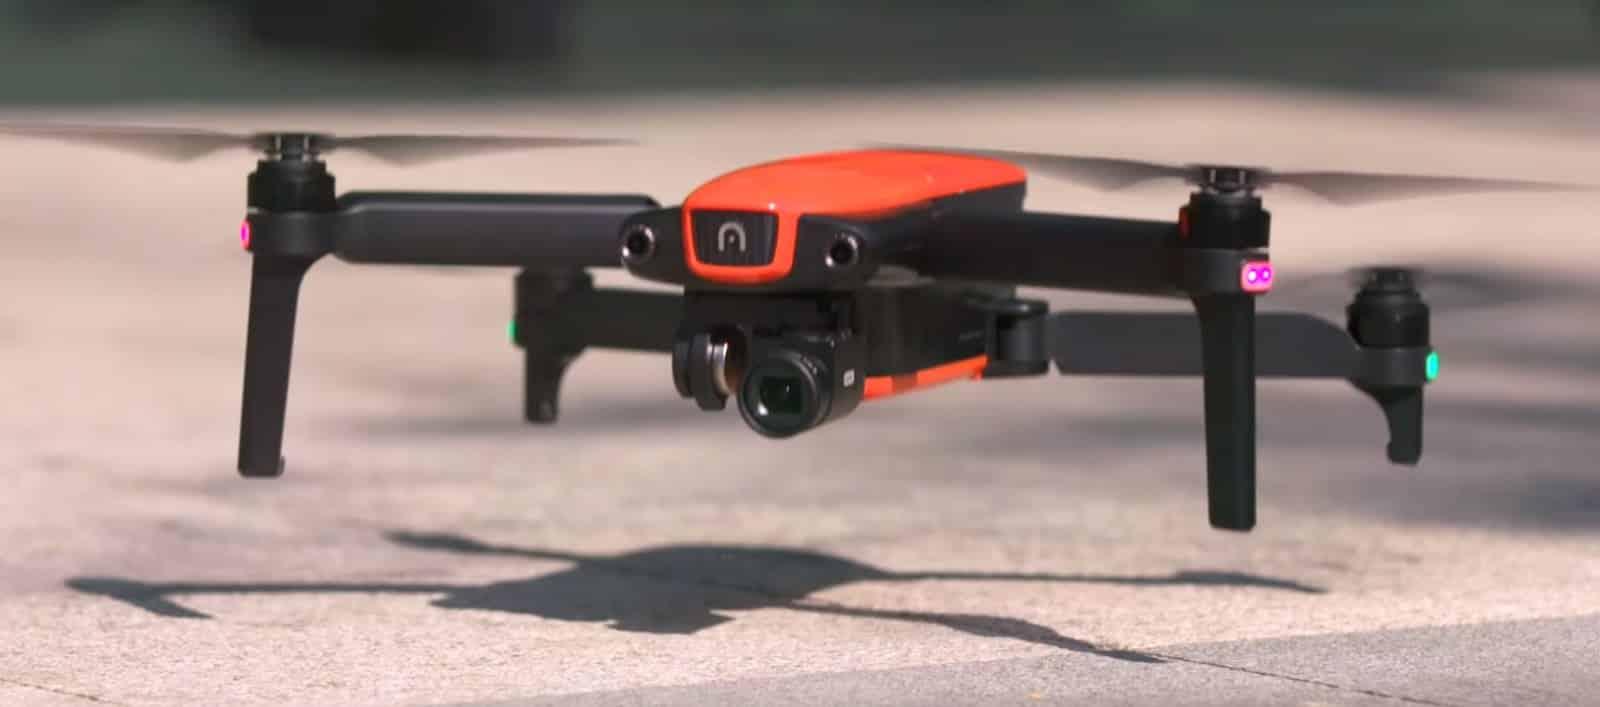 EVO es el dron portátil de Autel y fue presentado en el CES 2018 de las Vegas.